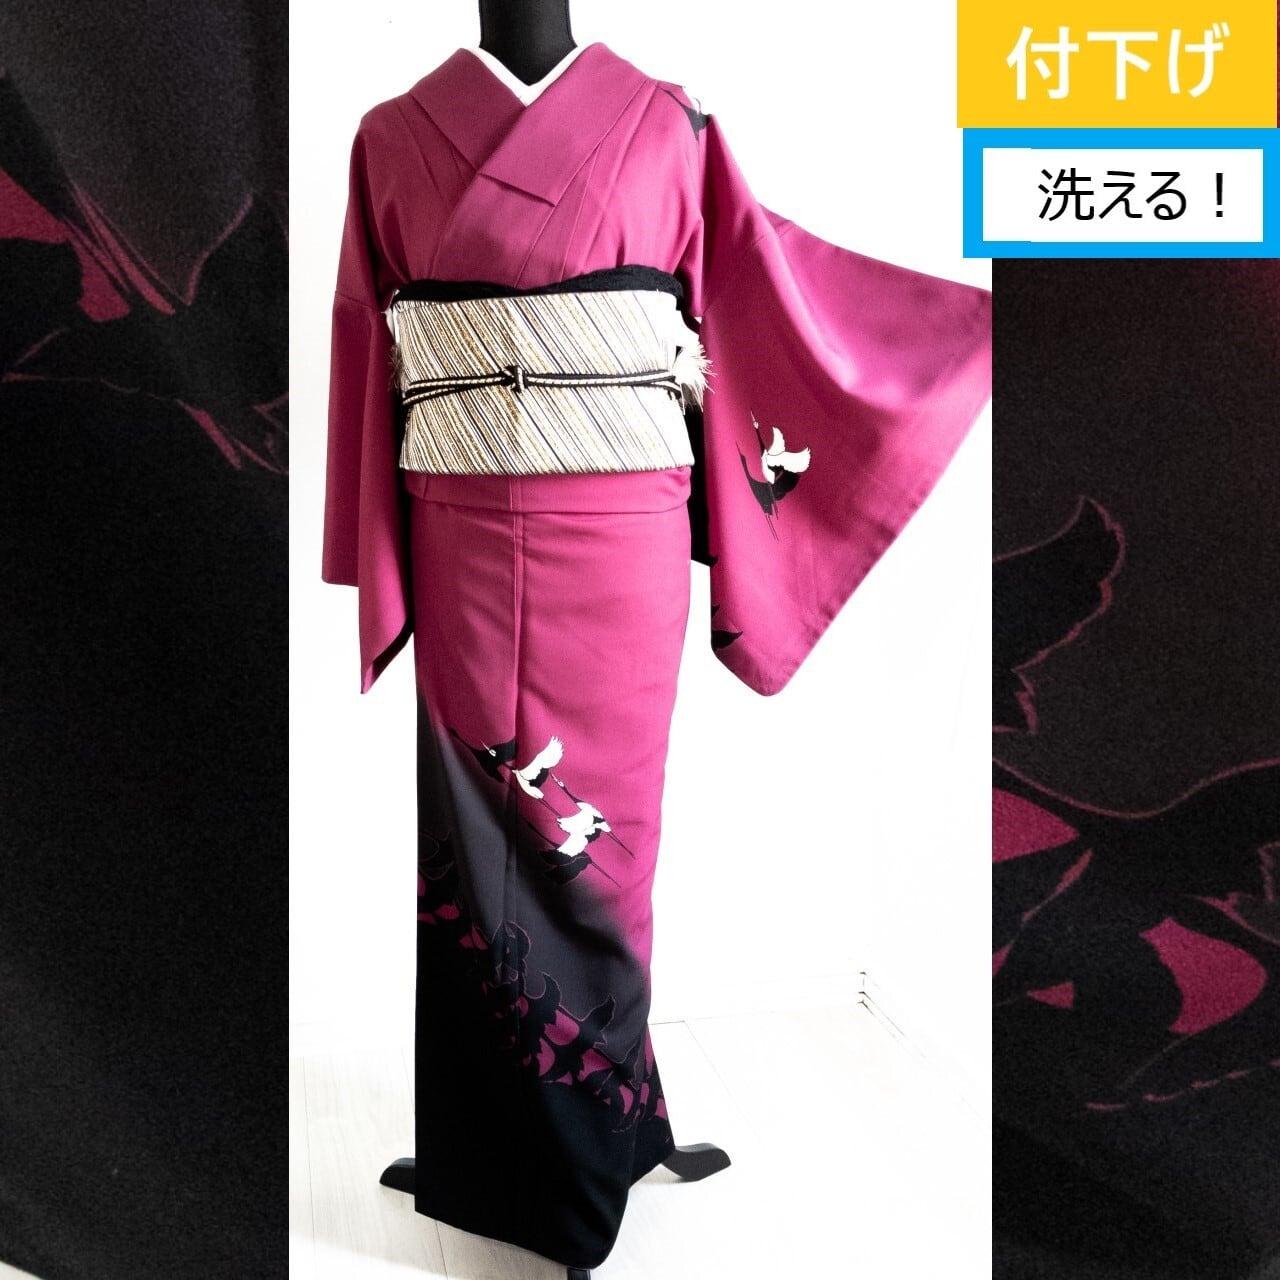 【洗える】プレタ付下げ 化繊 袷 白鶴~シルエット 赤紫蘇色×黒 丈164裄64